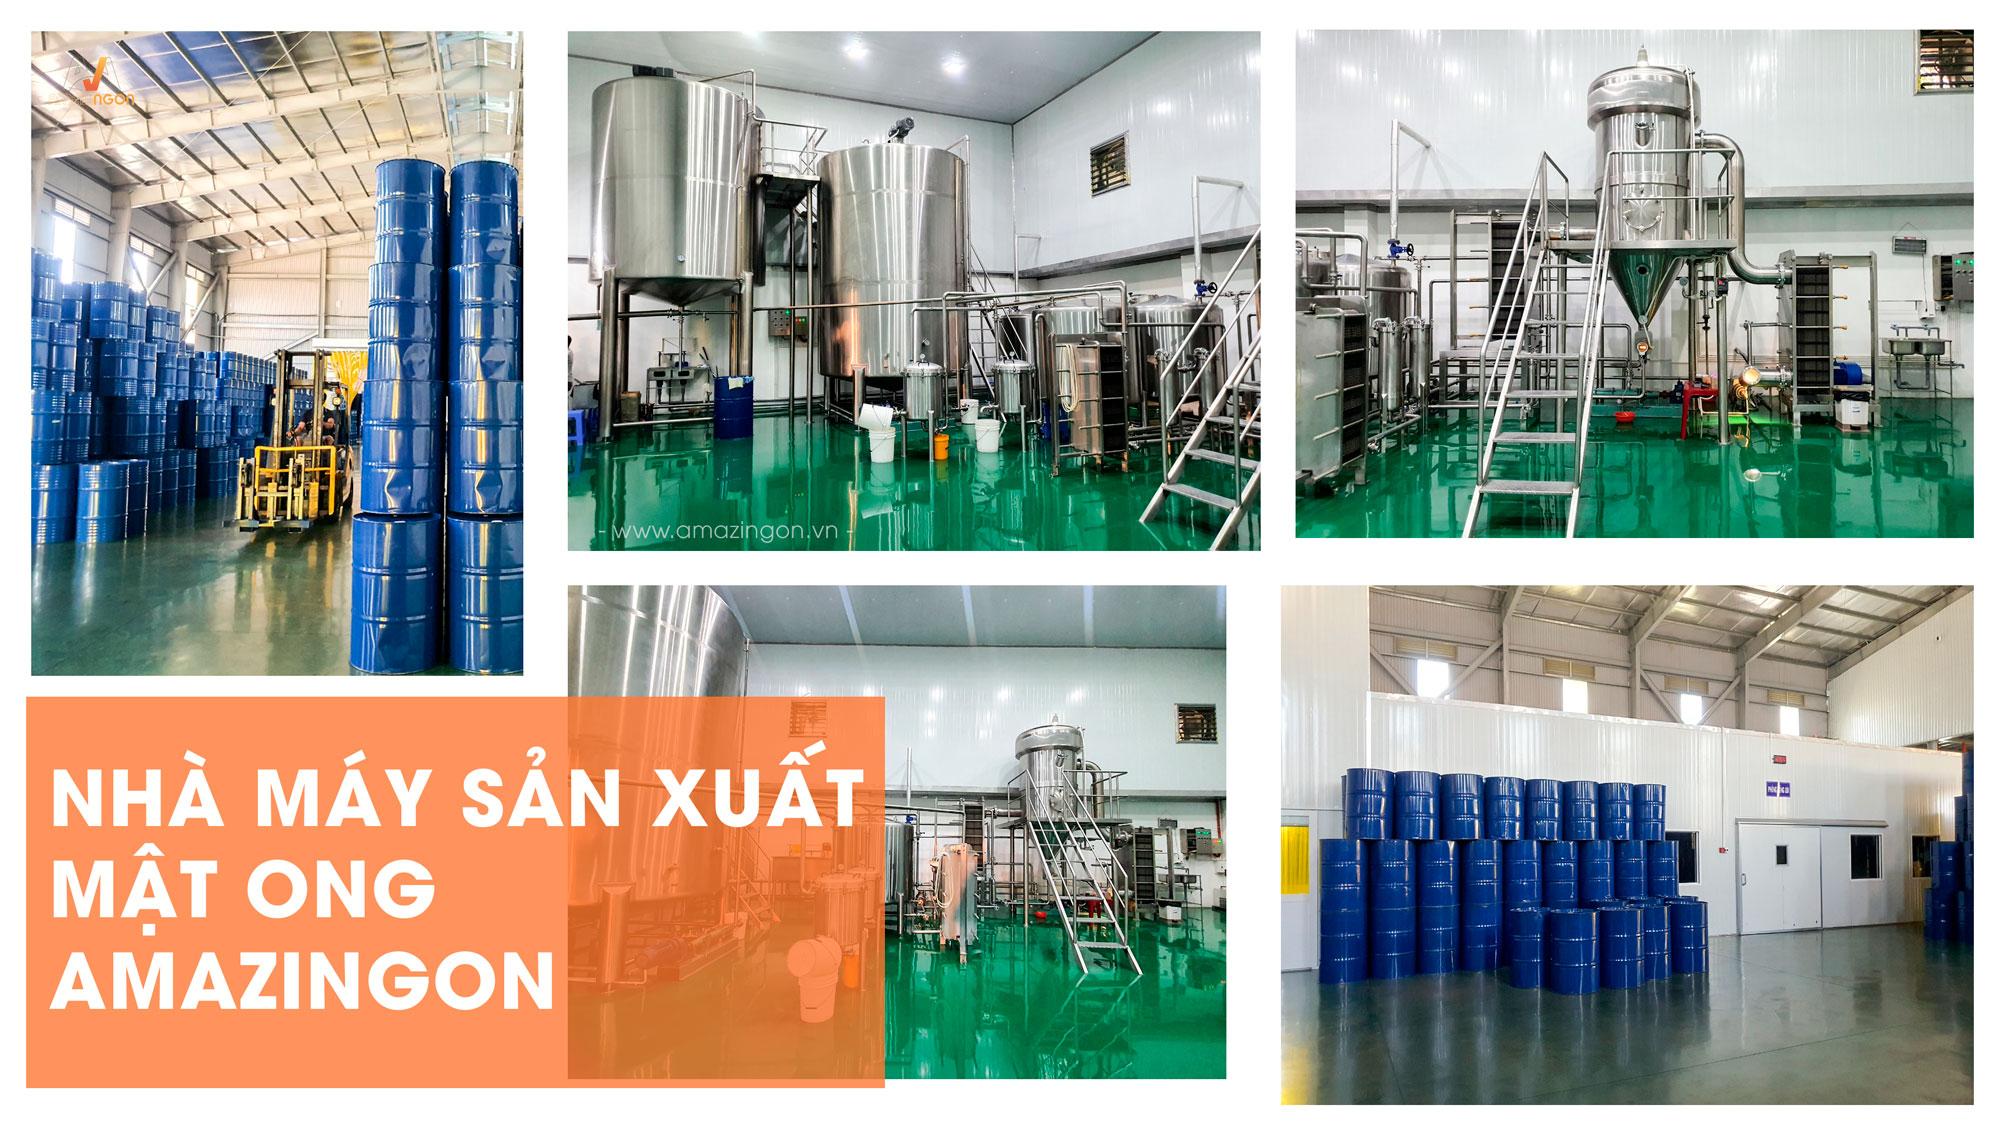 Nhà máy sản xuất mật ong AMAZINgon đạt chuẩn TCVN ISO 22000:2018 & HACCP CODEX